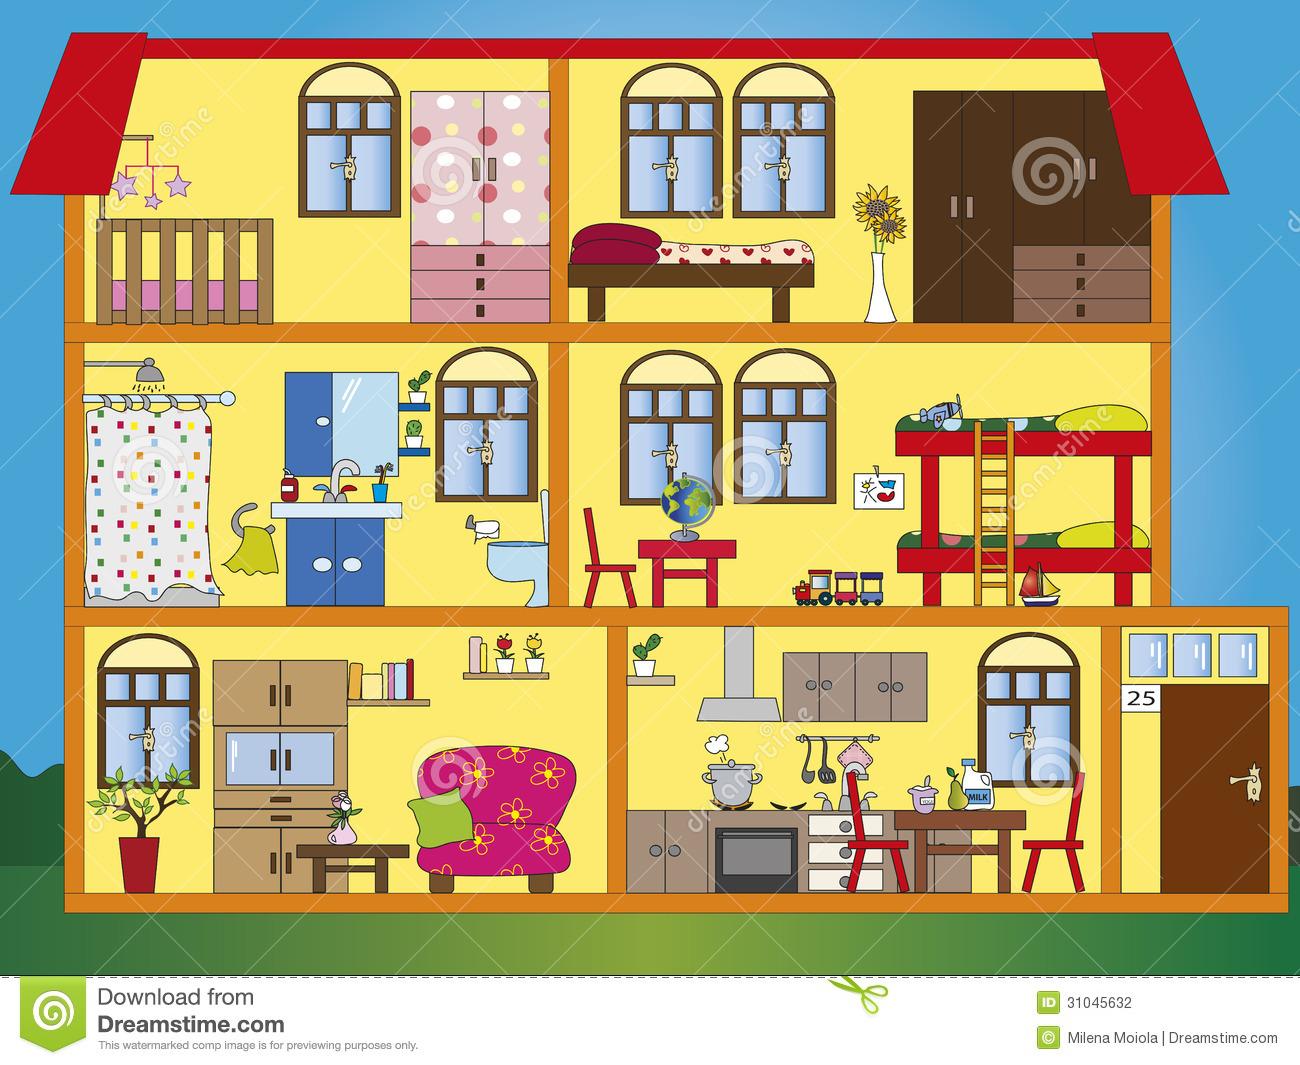 House design cartoon - Fantastic 25 Home Interior Design Cartoon Photos